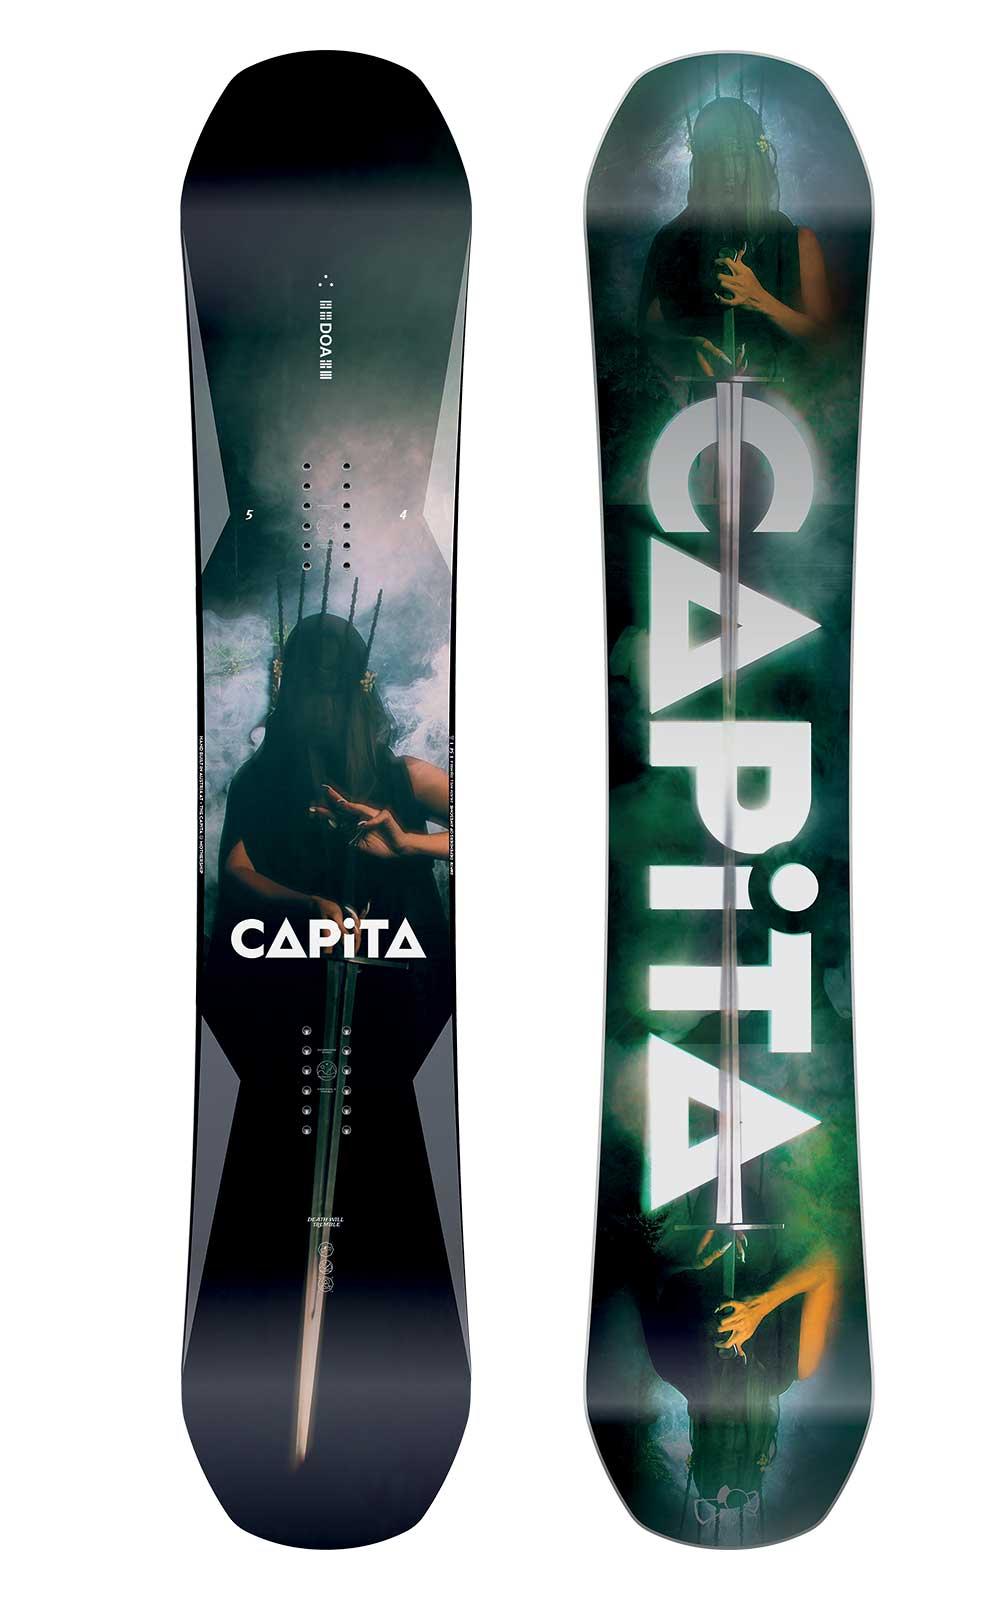 Capita Snowboard - Doa Awesome Protectores Of Awesome Doa All-Mountain Híbrido Camber-2019 83e38e